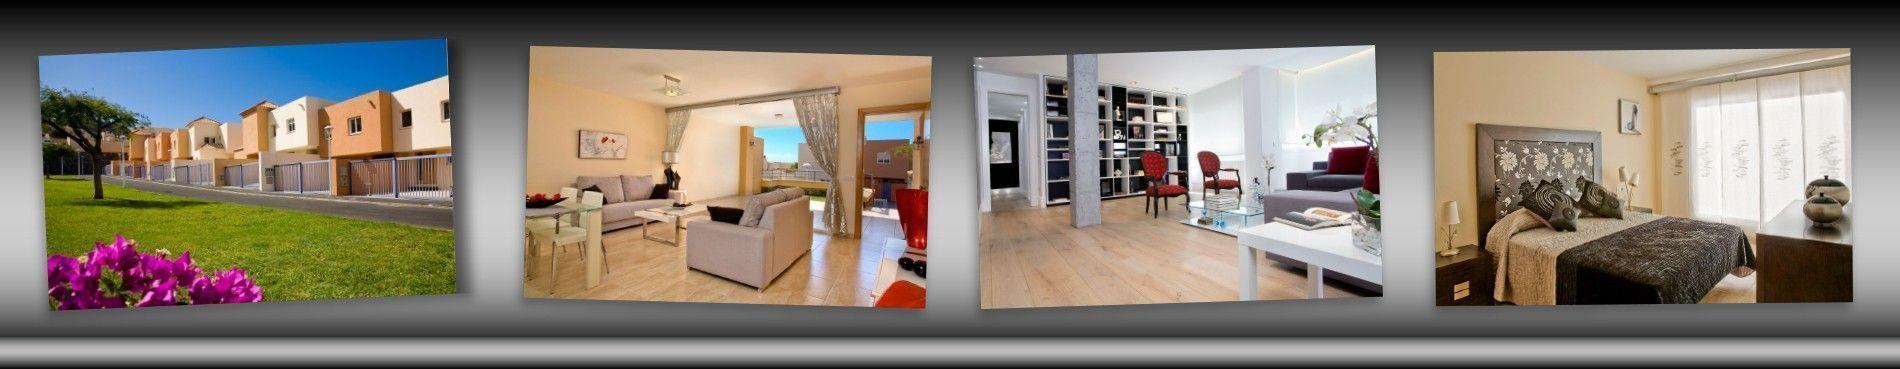 Slider_foto-interiores-8